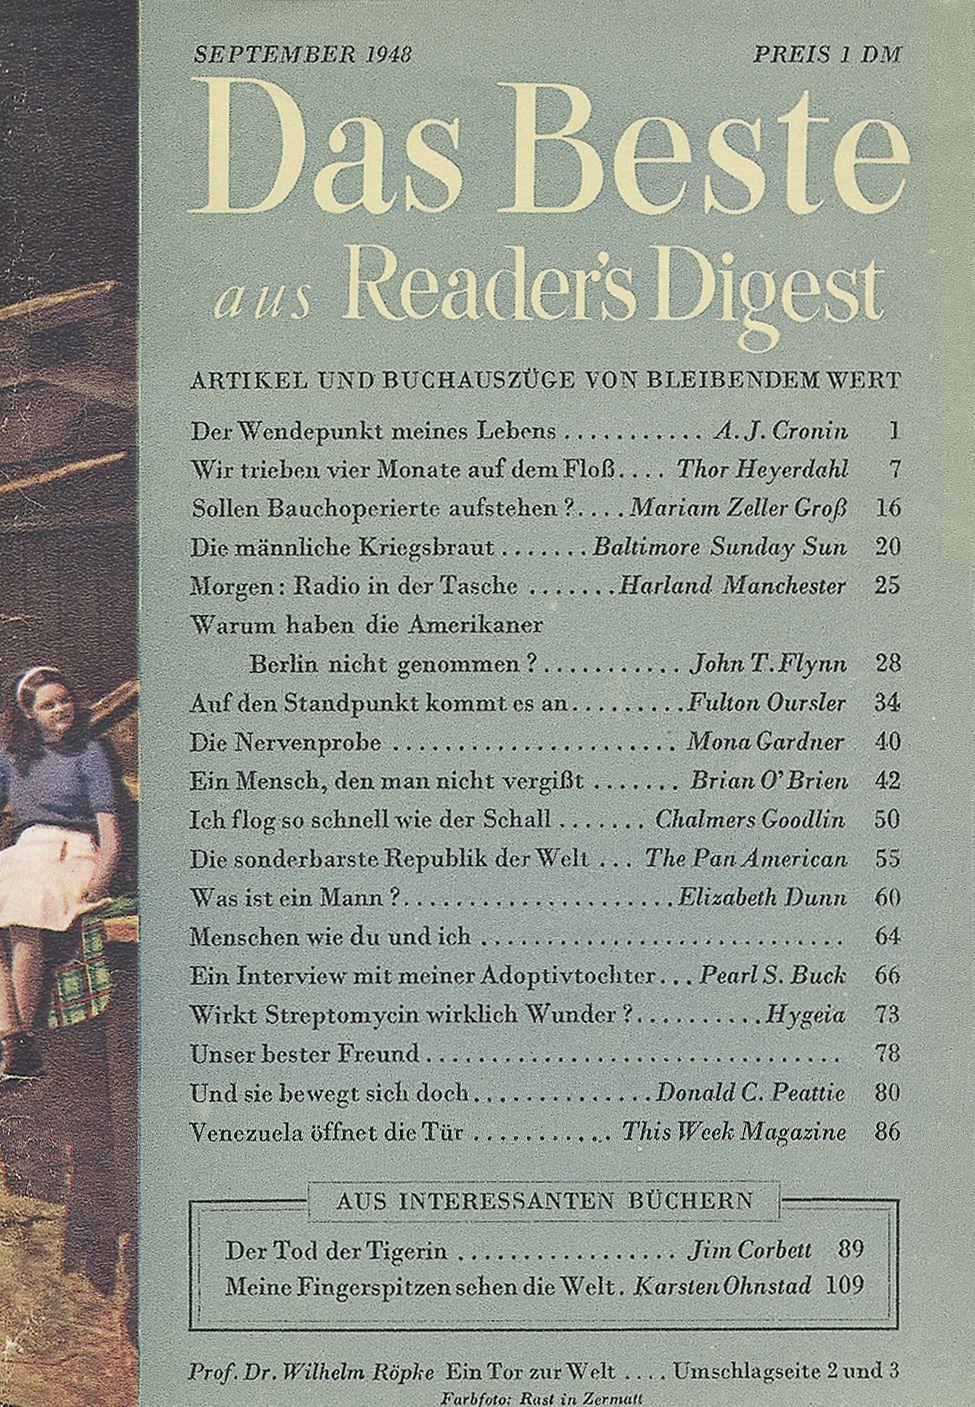 Das Beste aus Reader's Digest - September 1948: So sah sie ...